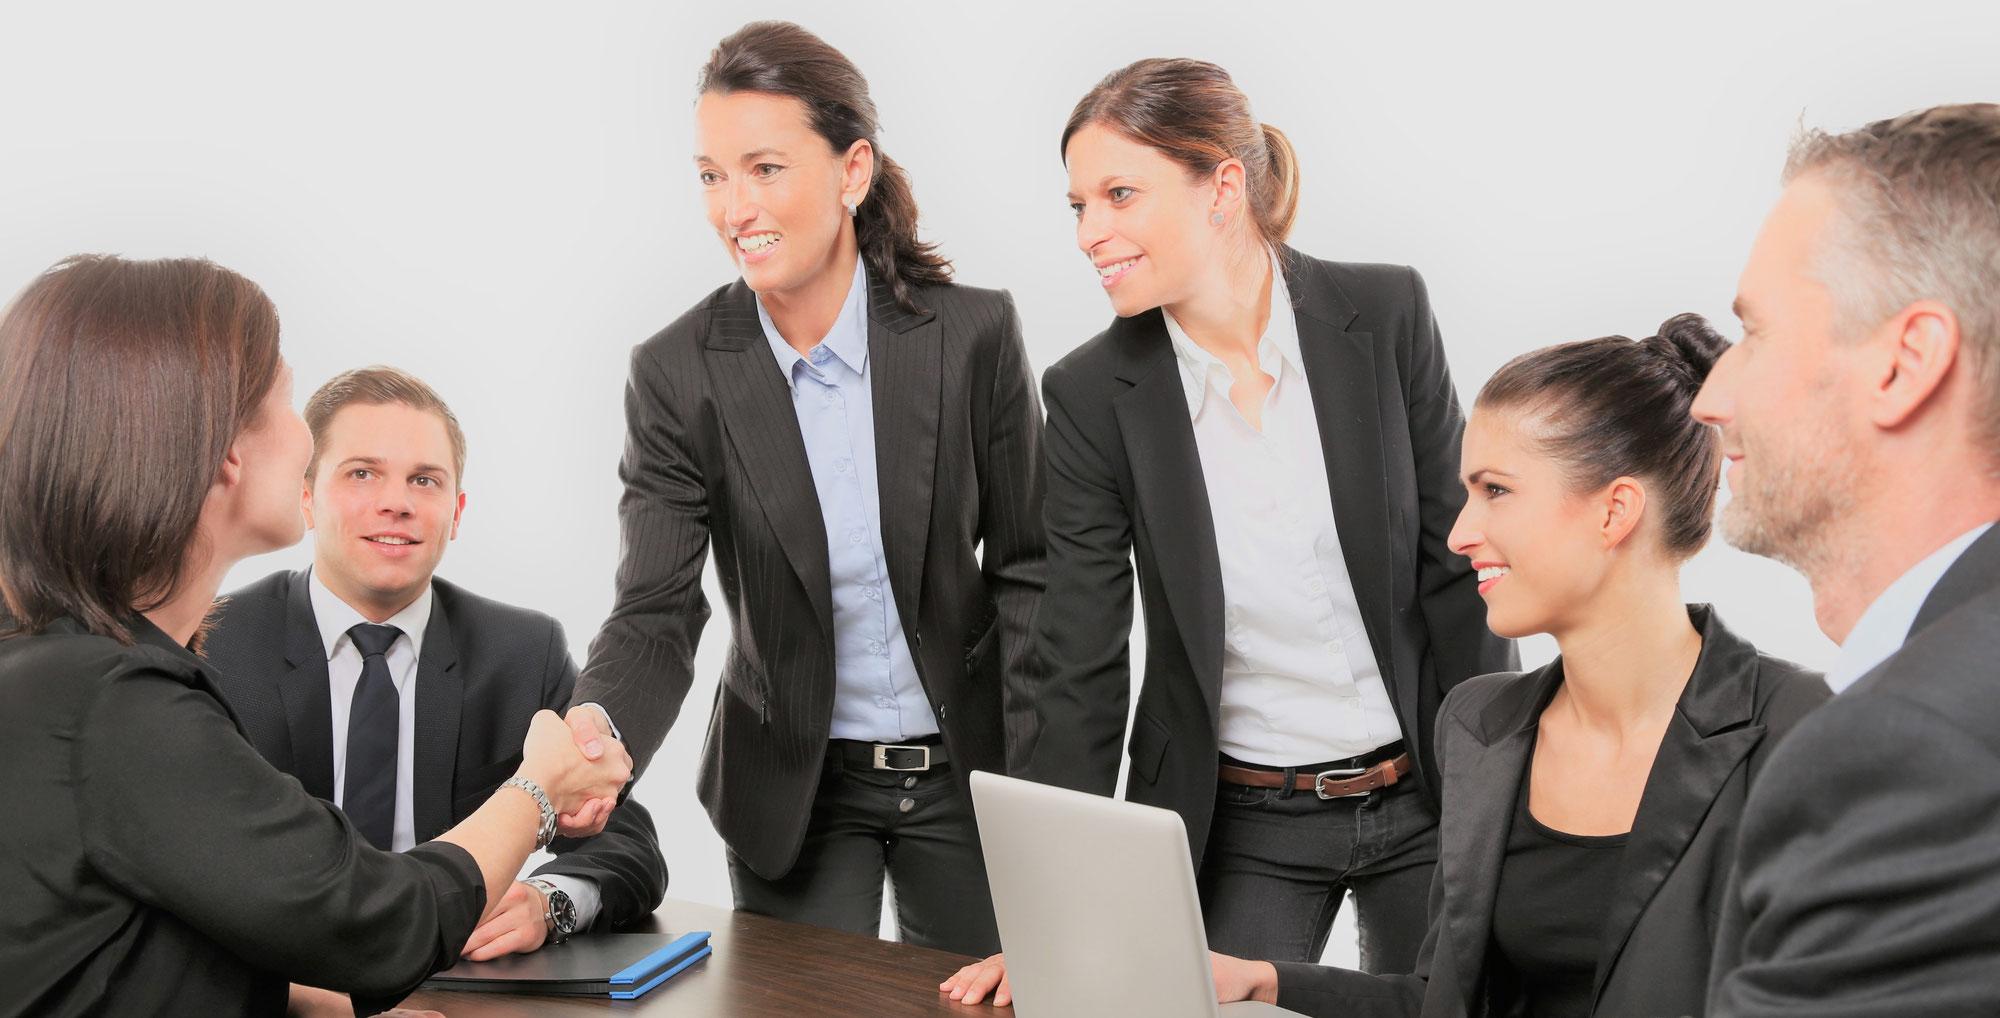 Leading Ladies - 6 Bausteine für das weibliche Selbstbewusstsein